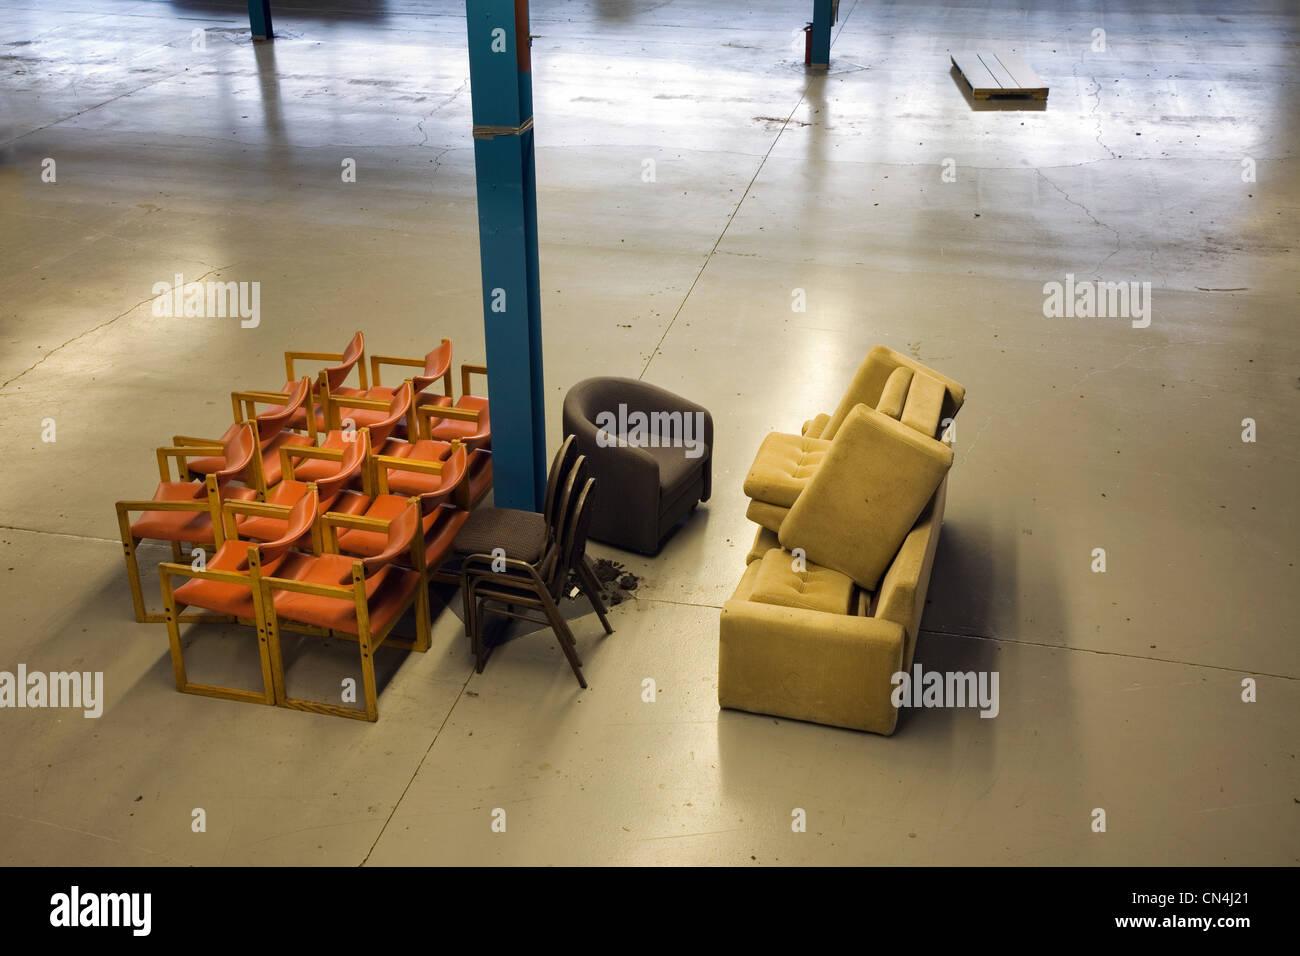 Sillas apiladas en un almacén vacío Imagen De Stock